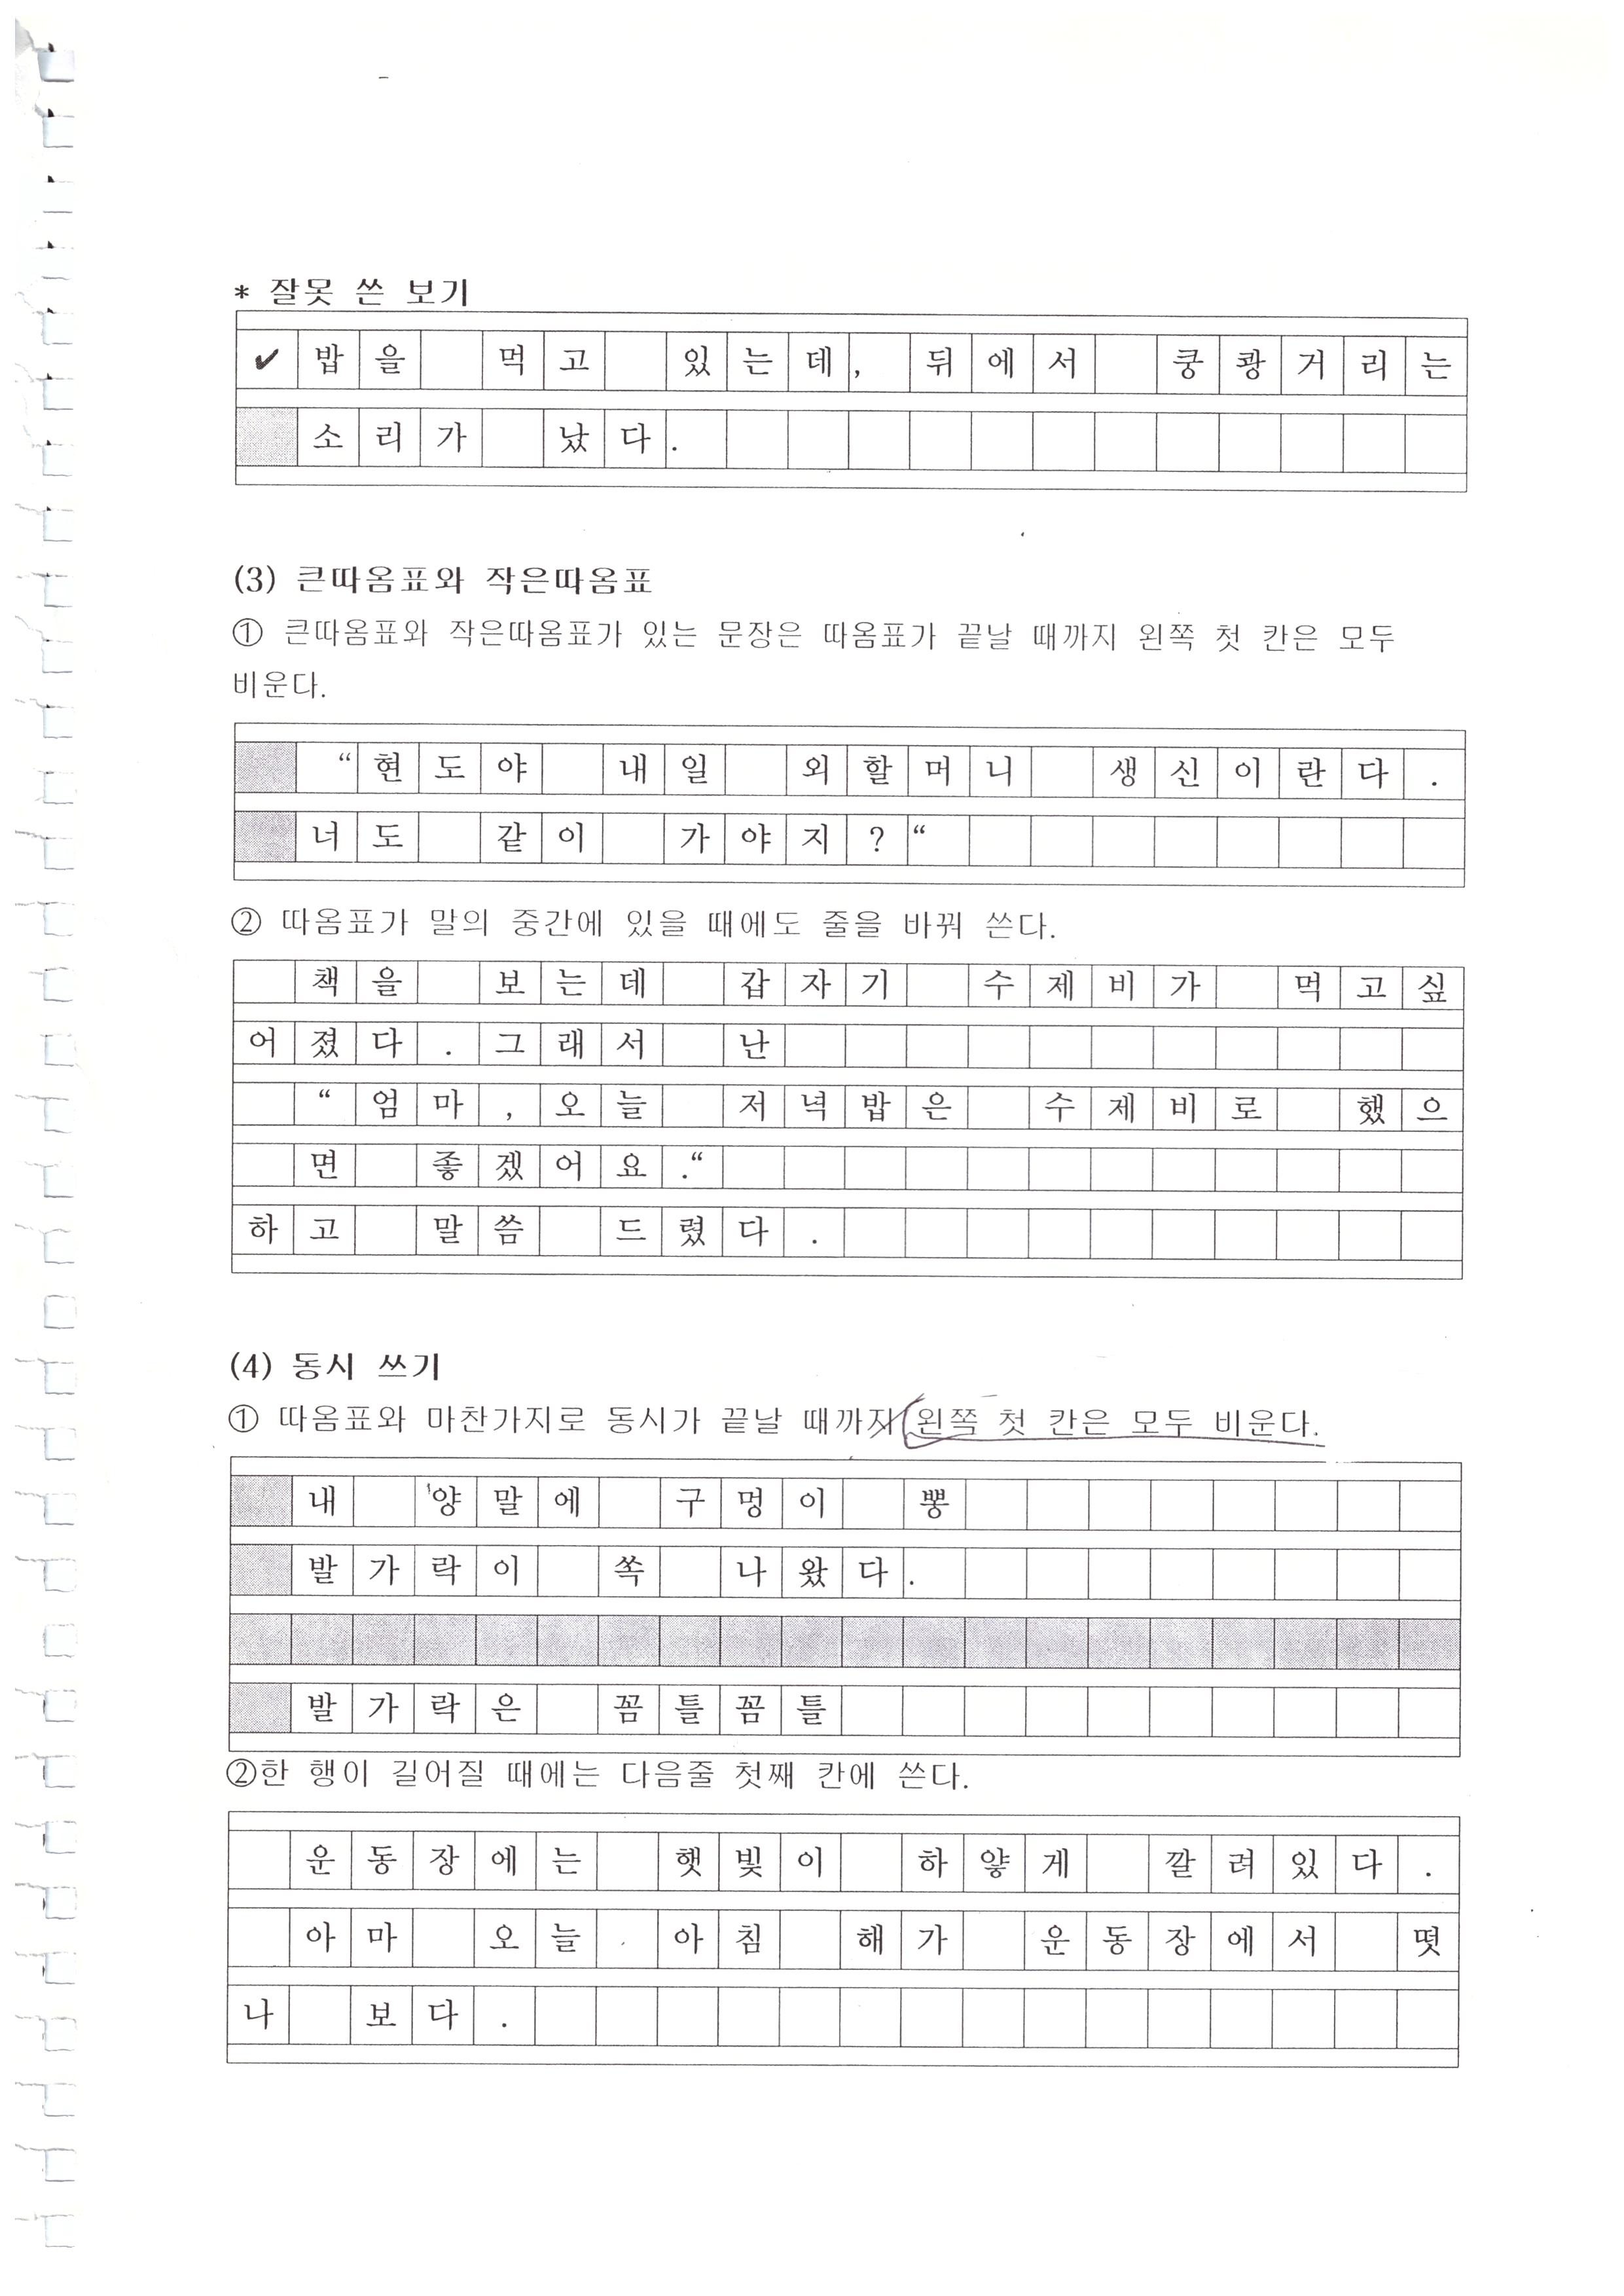 [일반] 독서노트(고학년) 원고지 쓰기 방법 안내의 첨부이미지 3